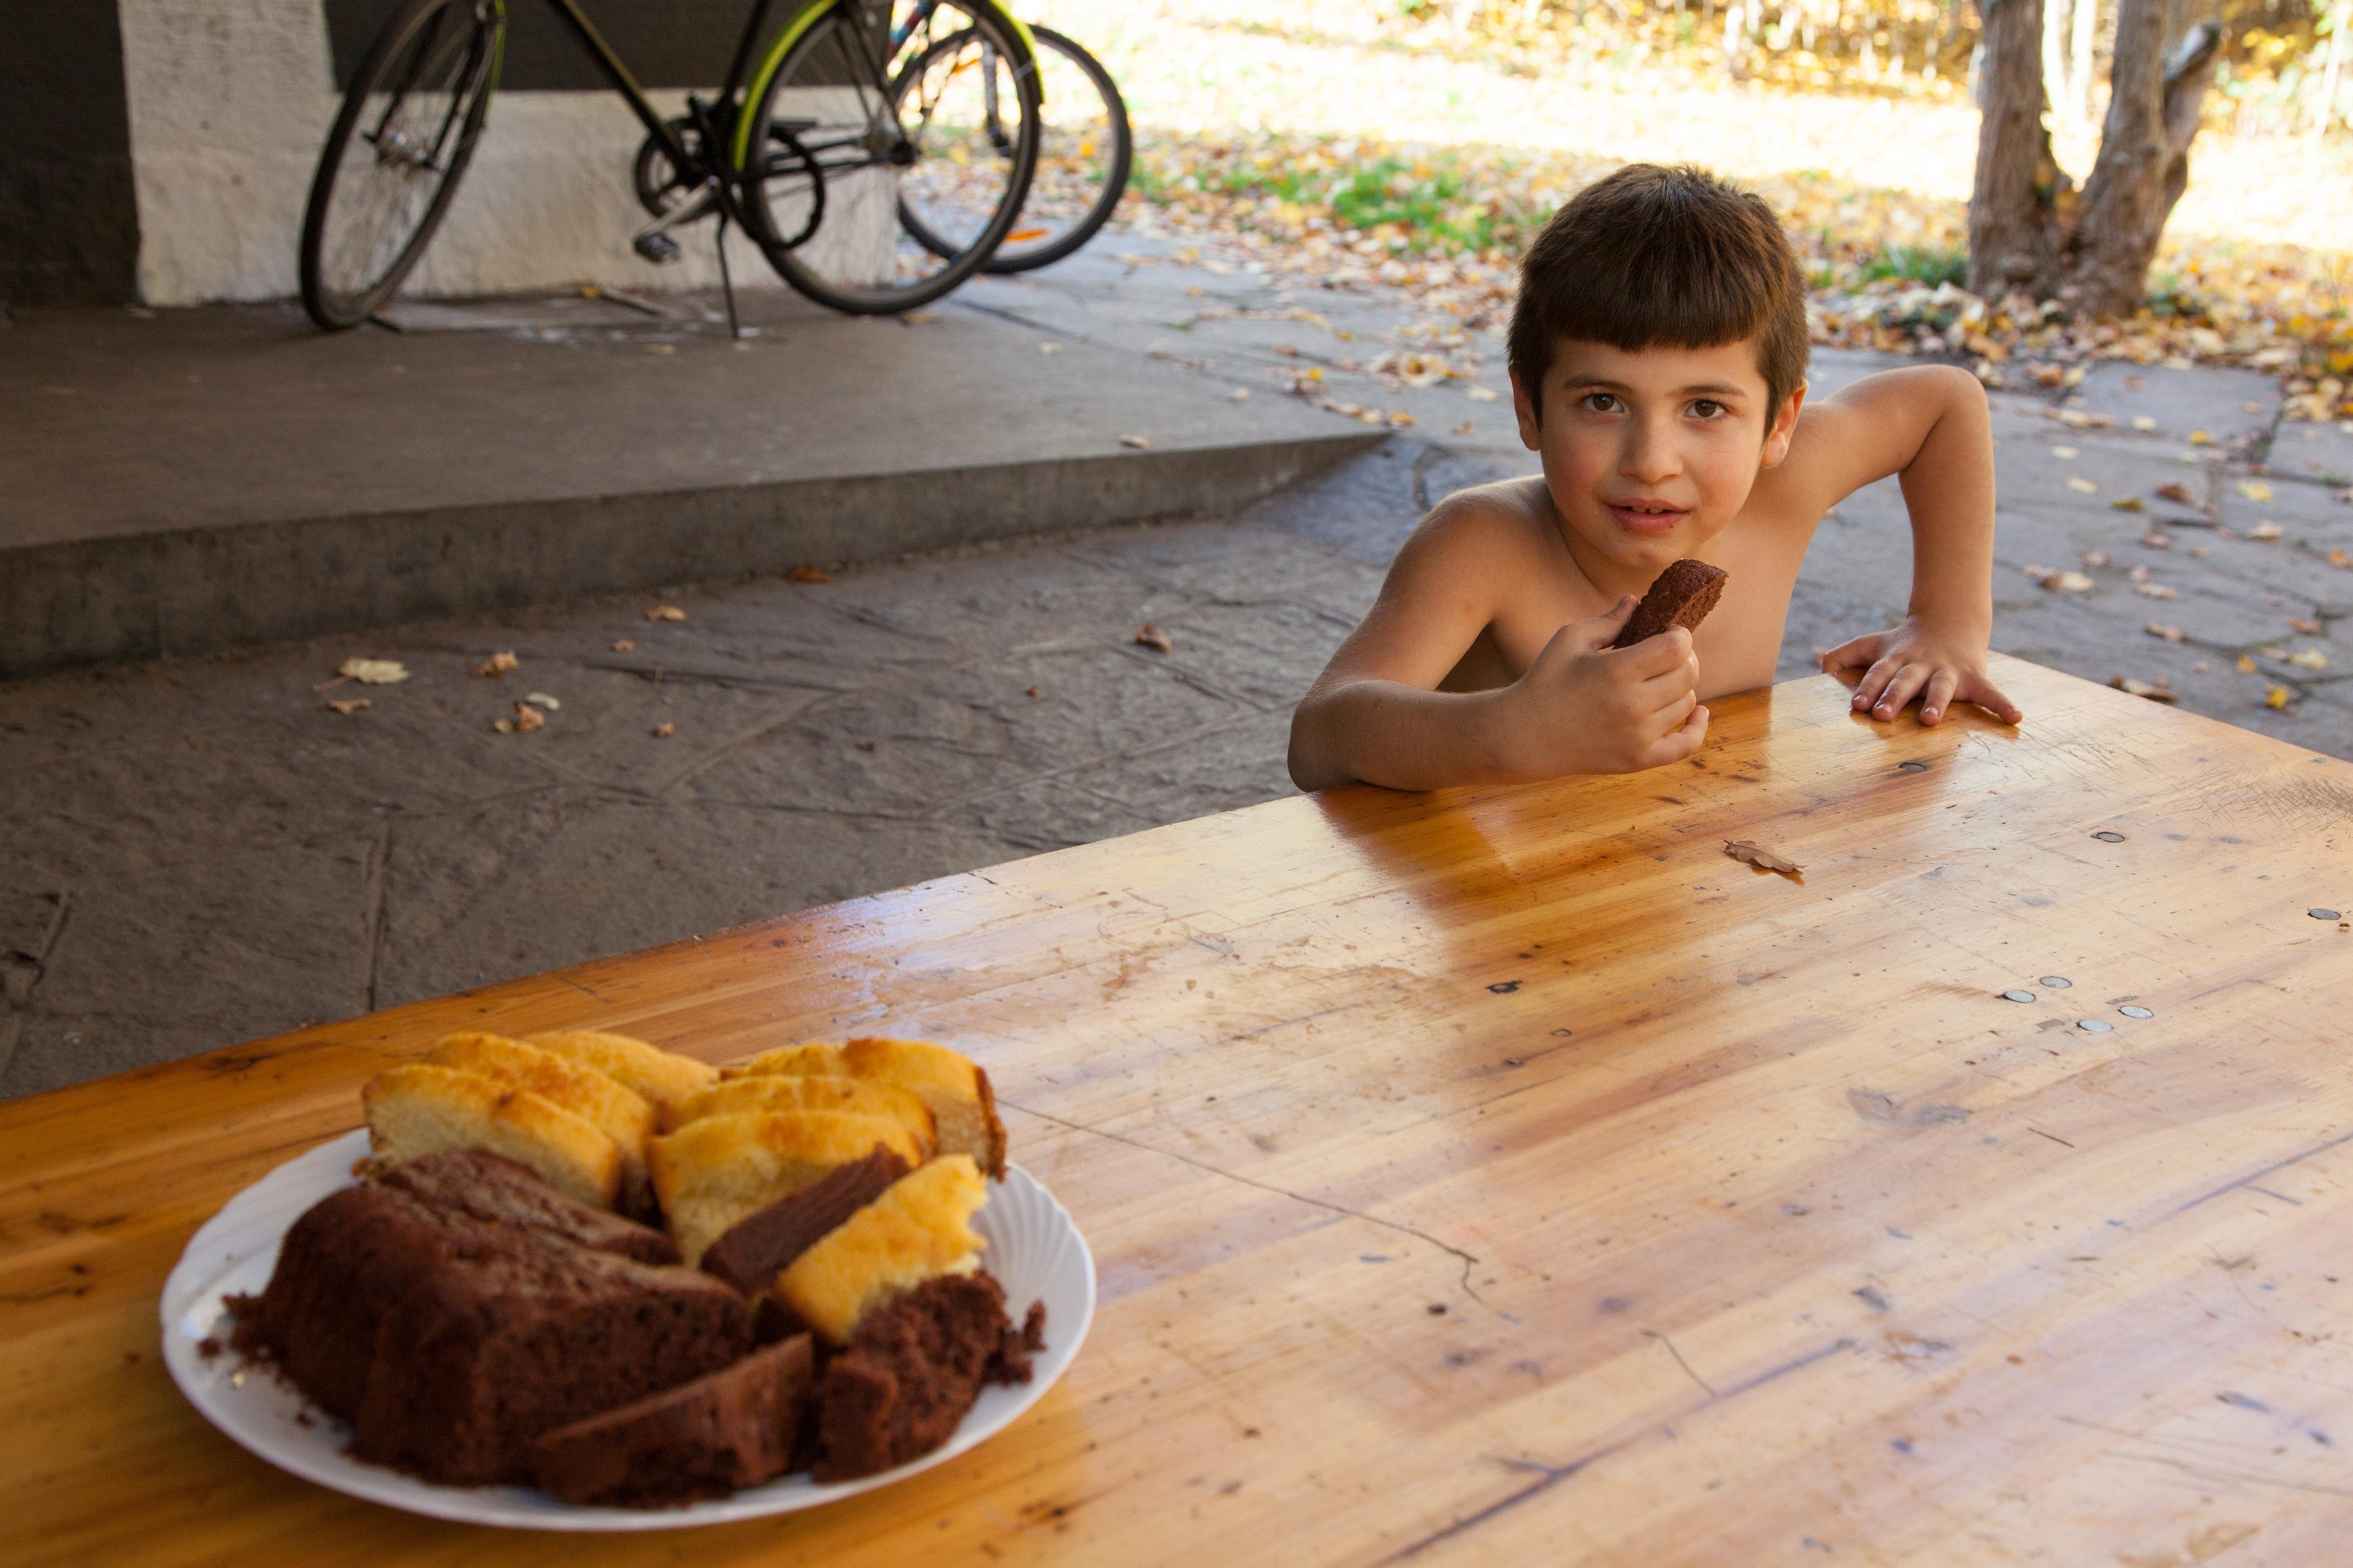 Manchmal backen Freiwillige Kuchen, ein Fest für die Besucher.